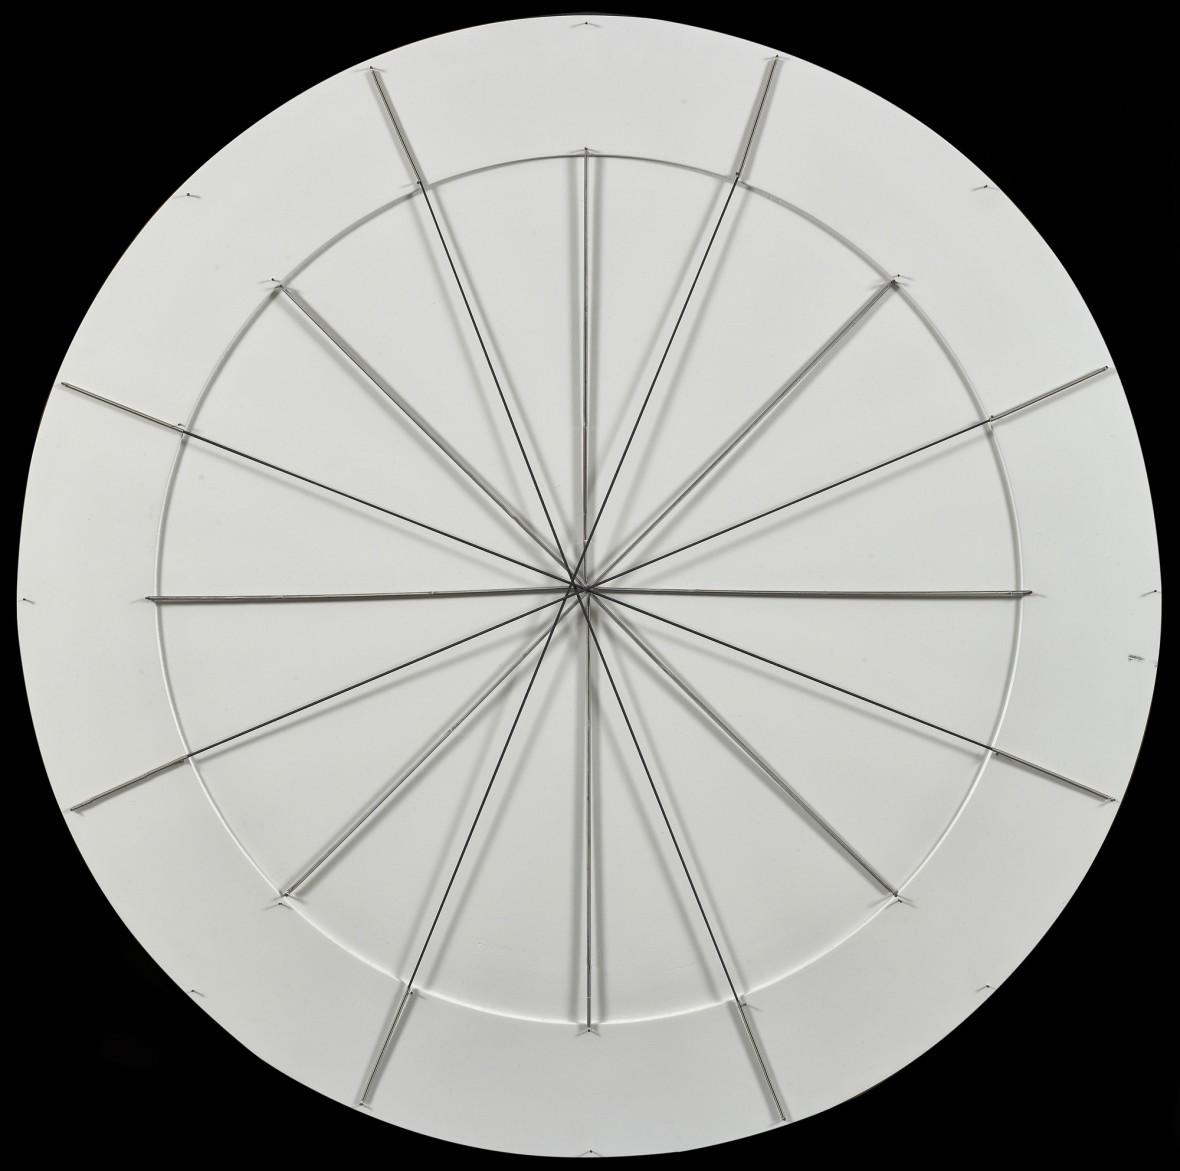 Spazio elastico (bianco) [Elastic Space (White)]